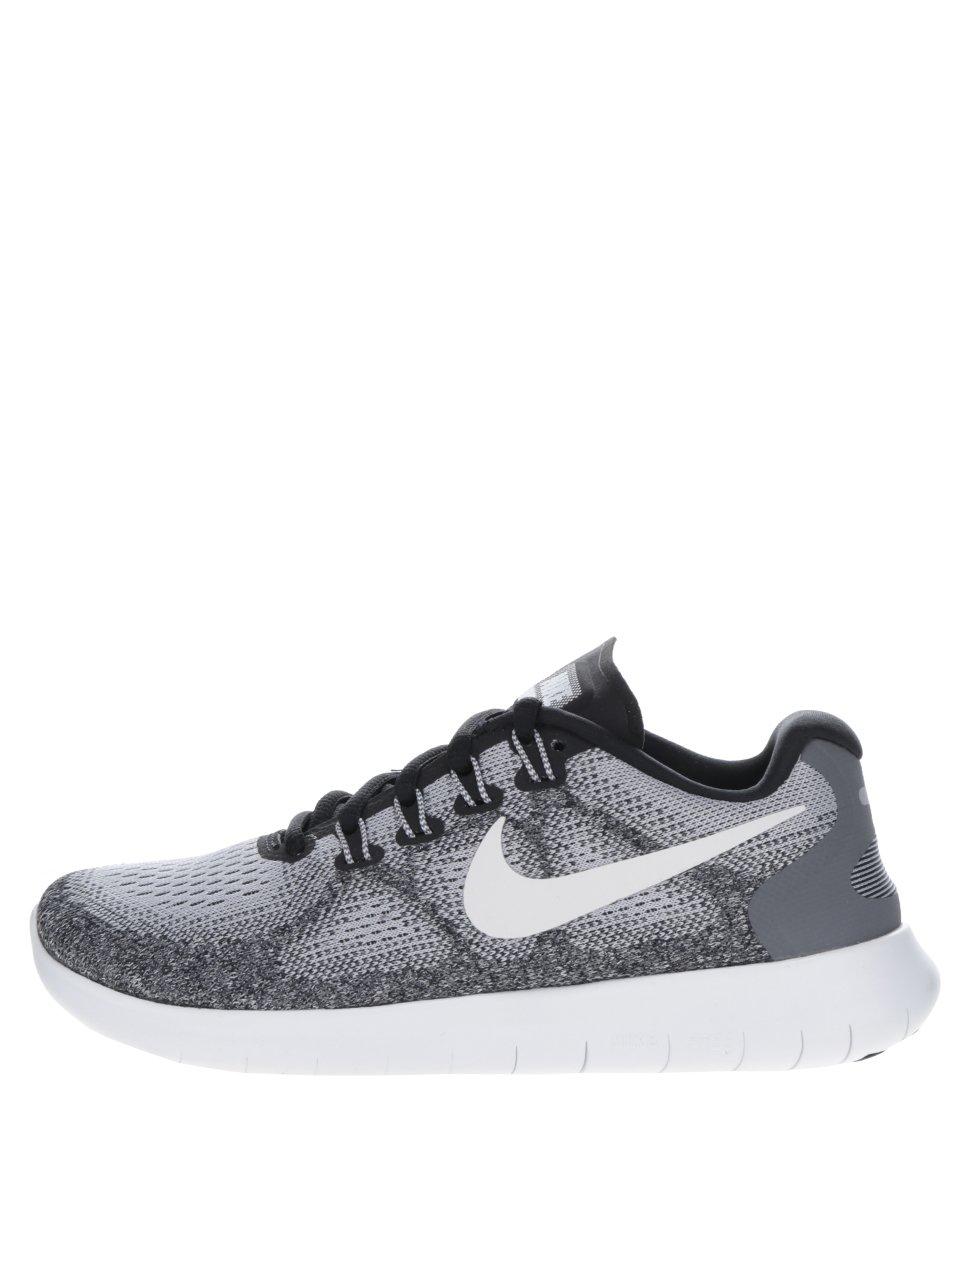 Šedé dámské tenisky Nike Free run